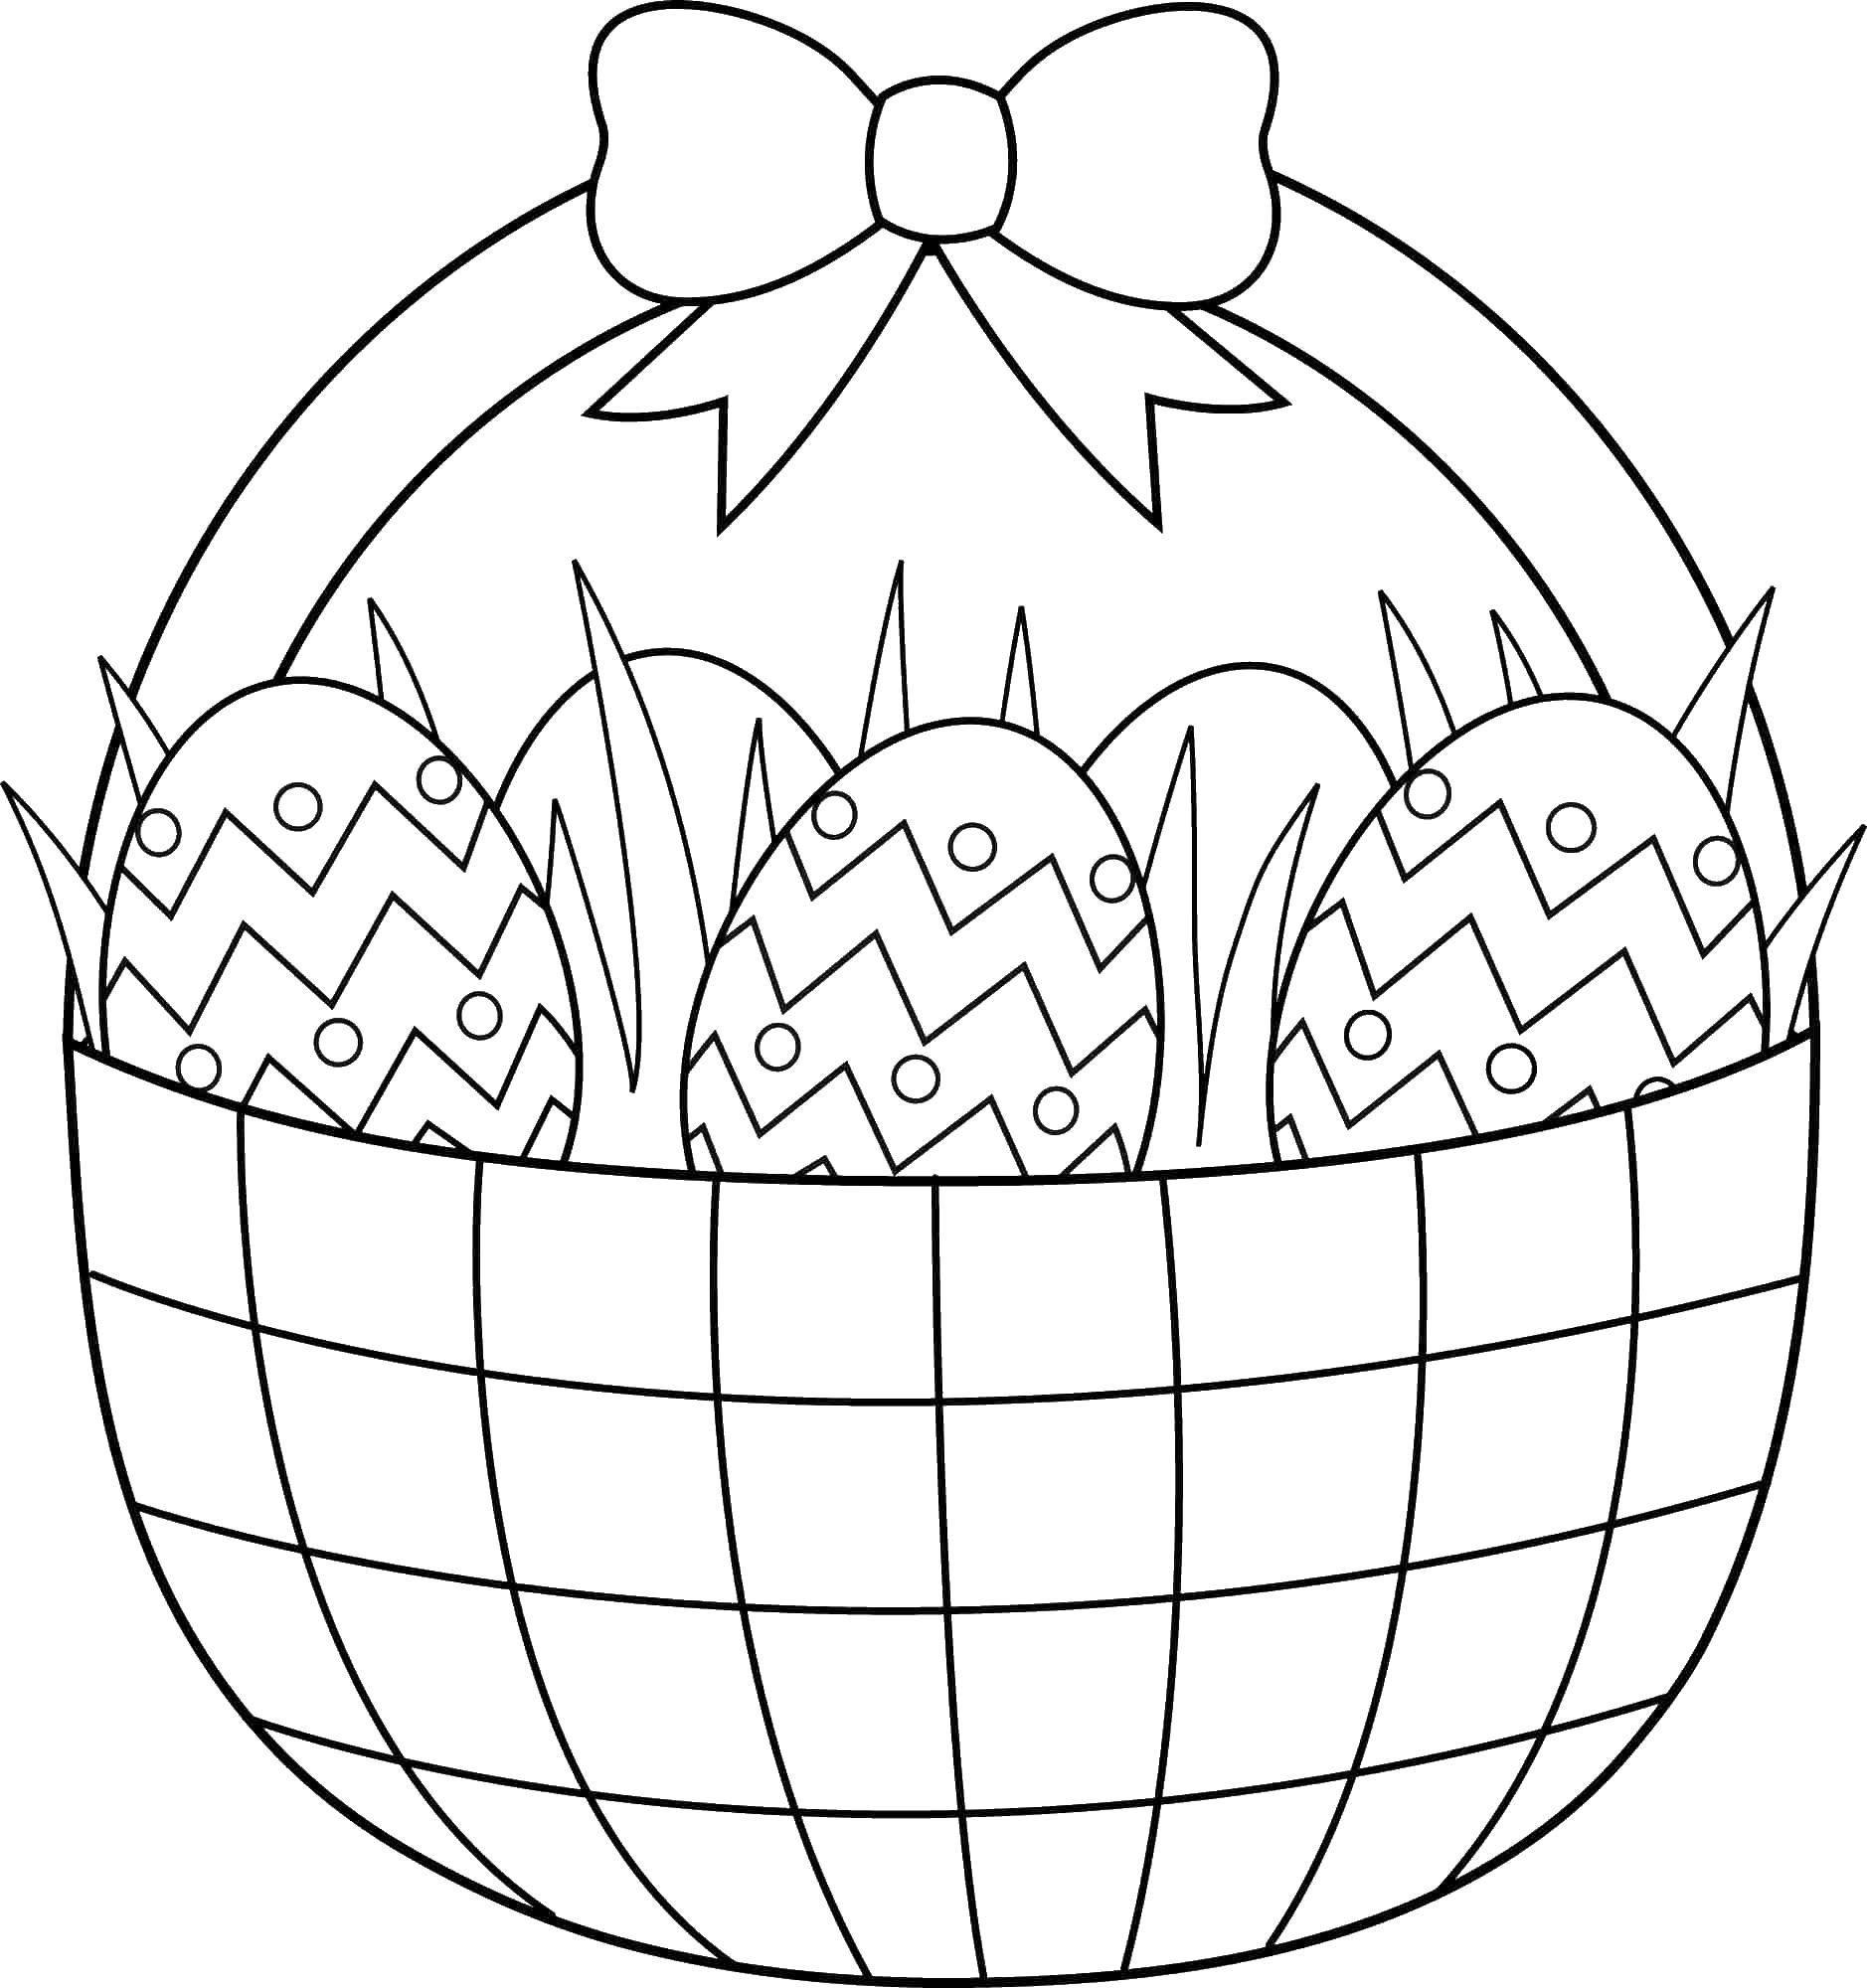 Раскраска Корзина яиц с бантом. Скачать корзина, яйца, бантик.  Распечатать ,Узоры для раскрашивания яиц,